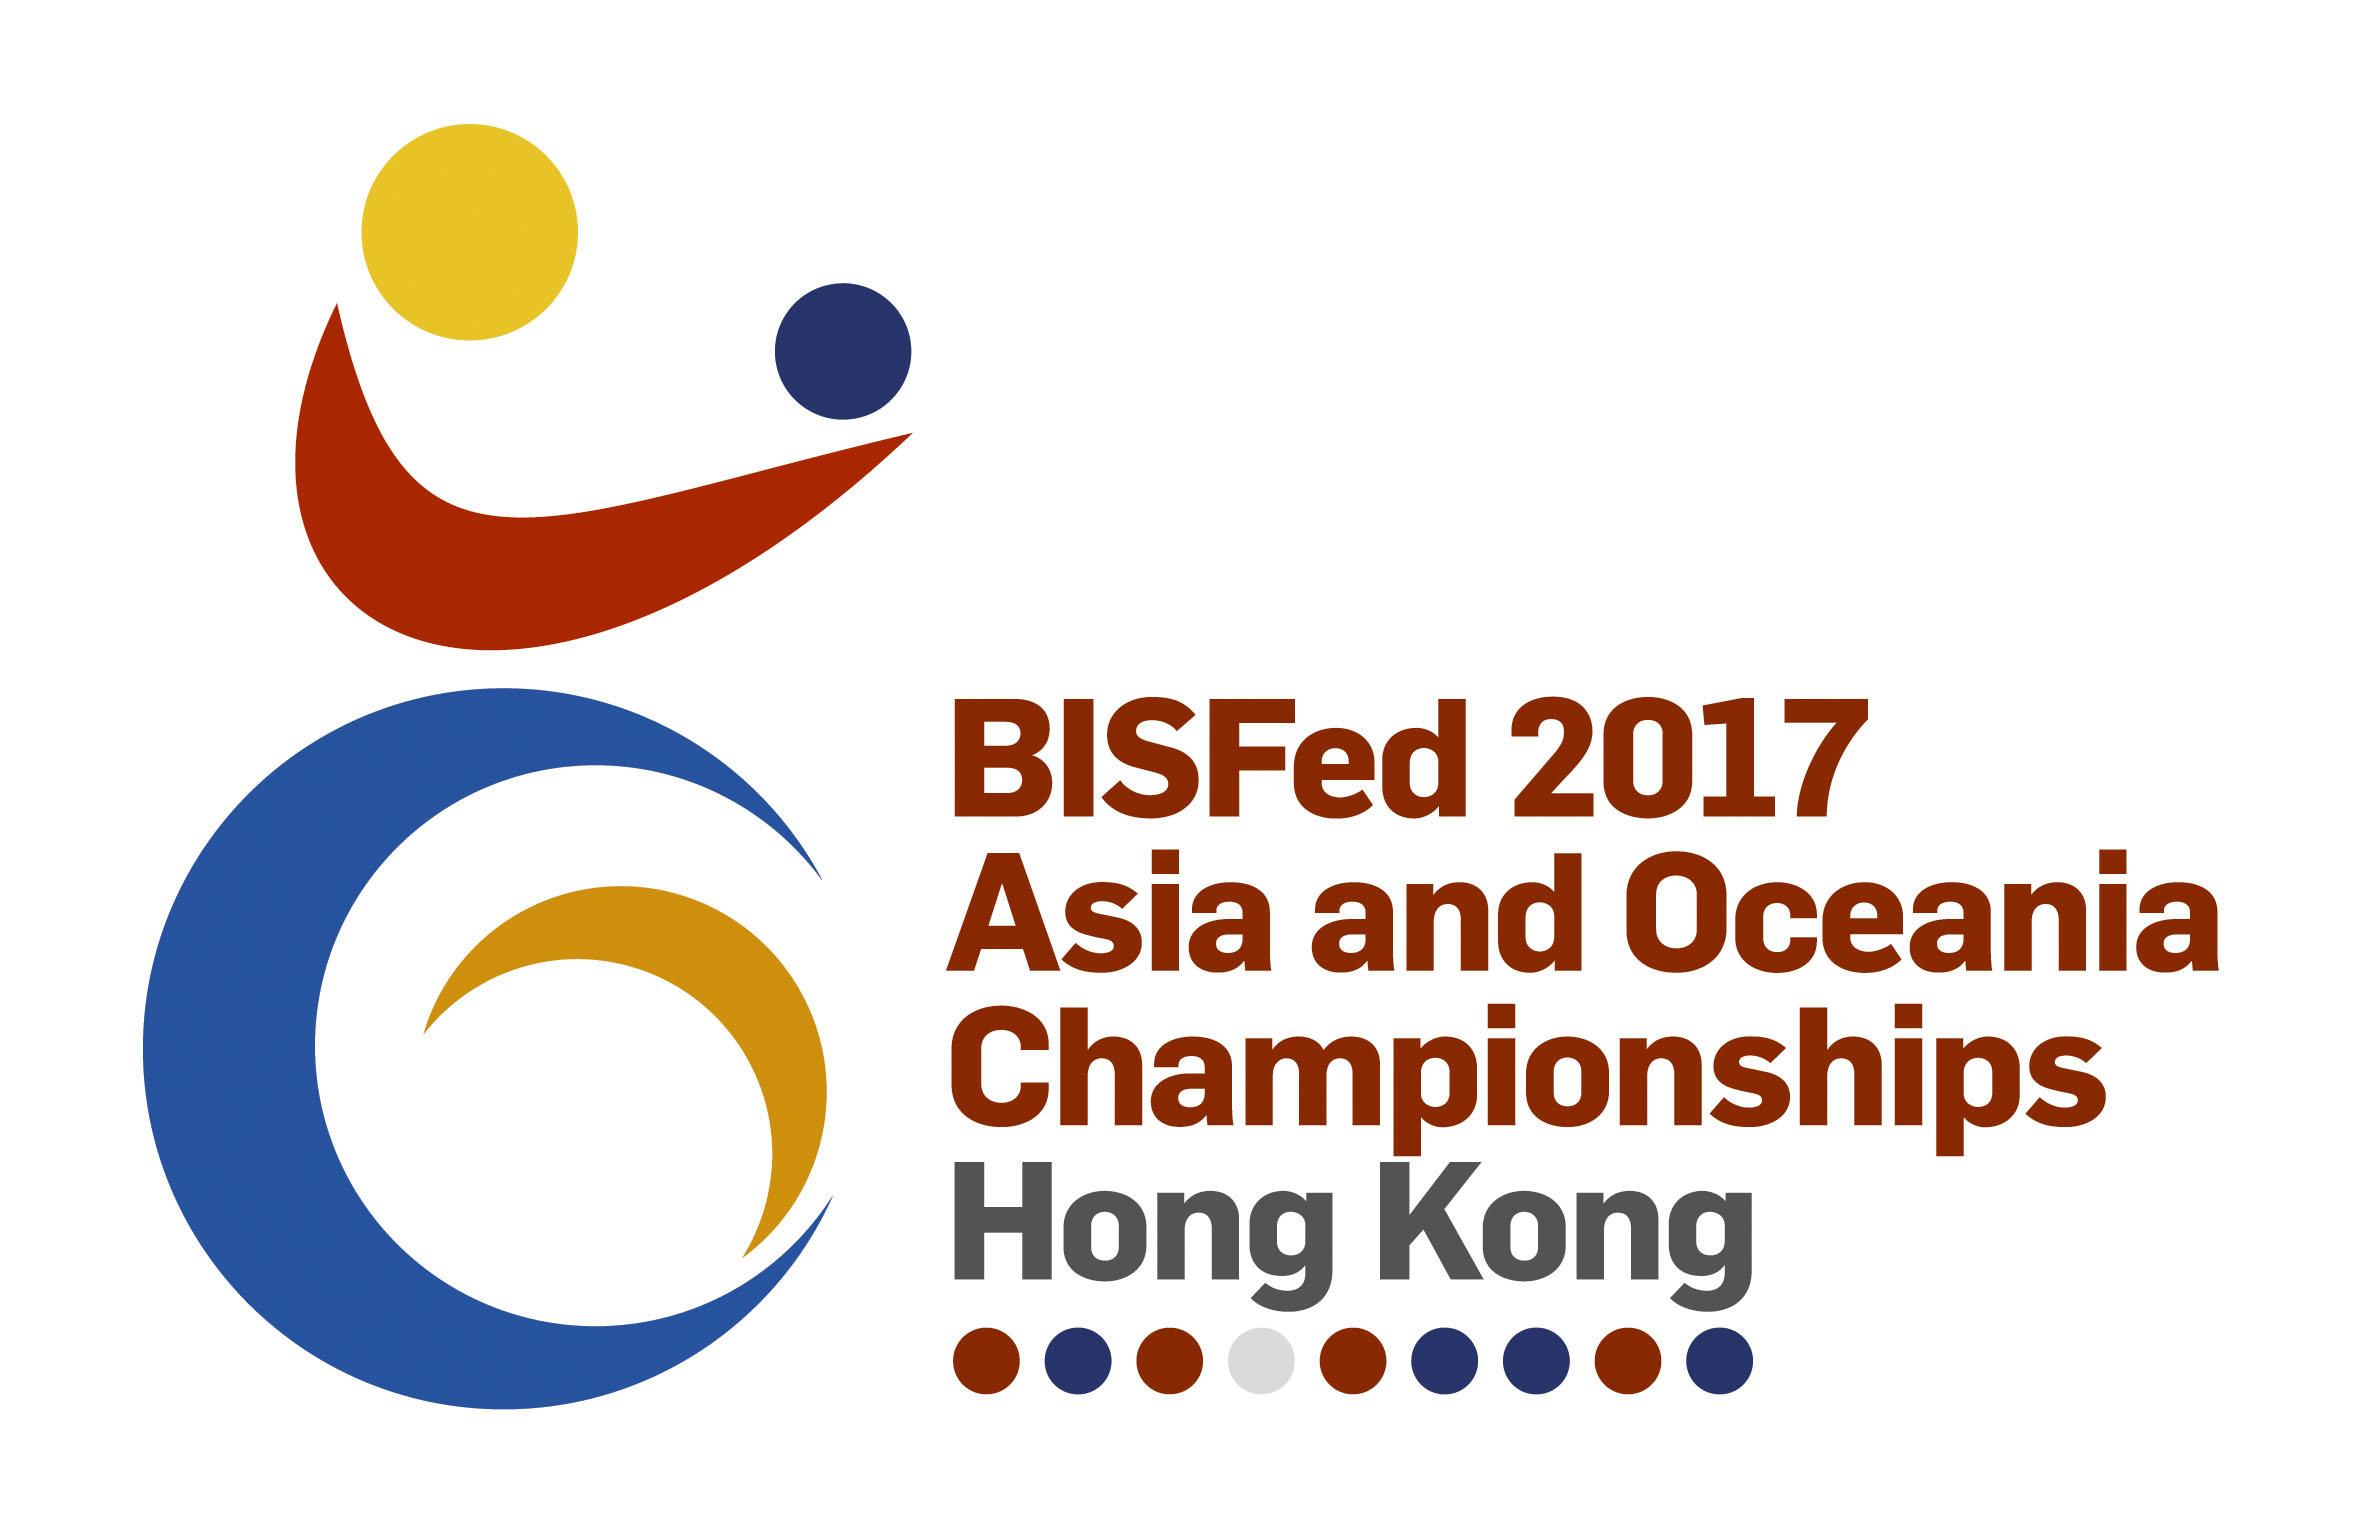 年度本地國際賽事 「BISFed亞洲及大洋洲硬地滾球錦標賽2017—香港」